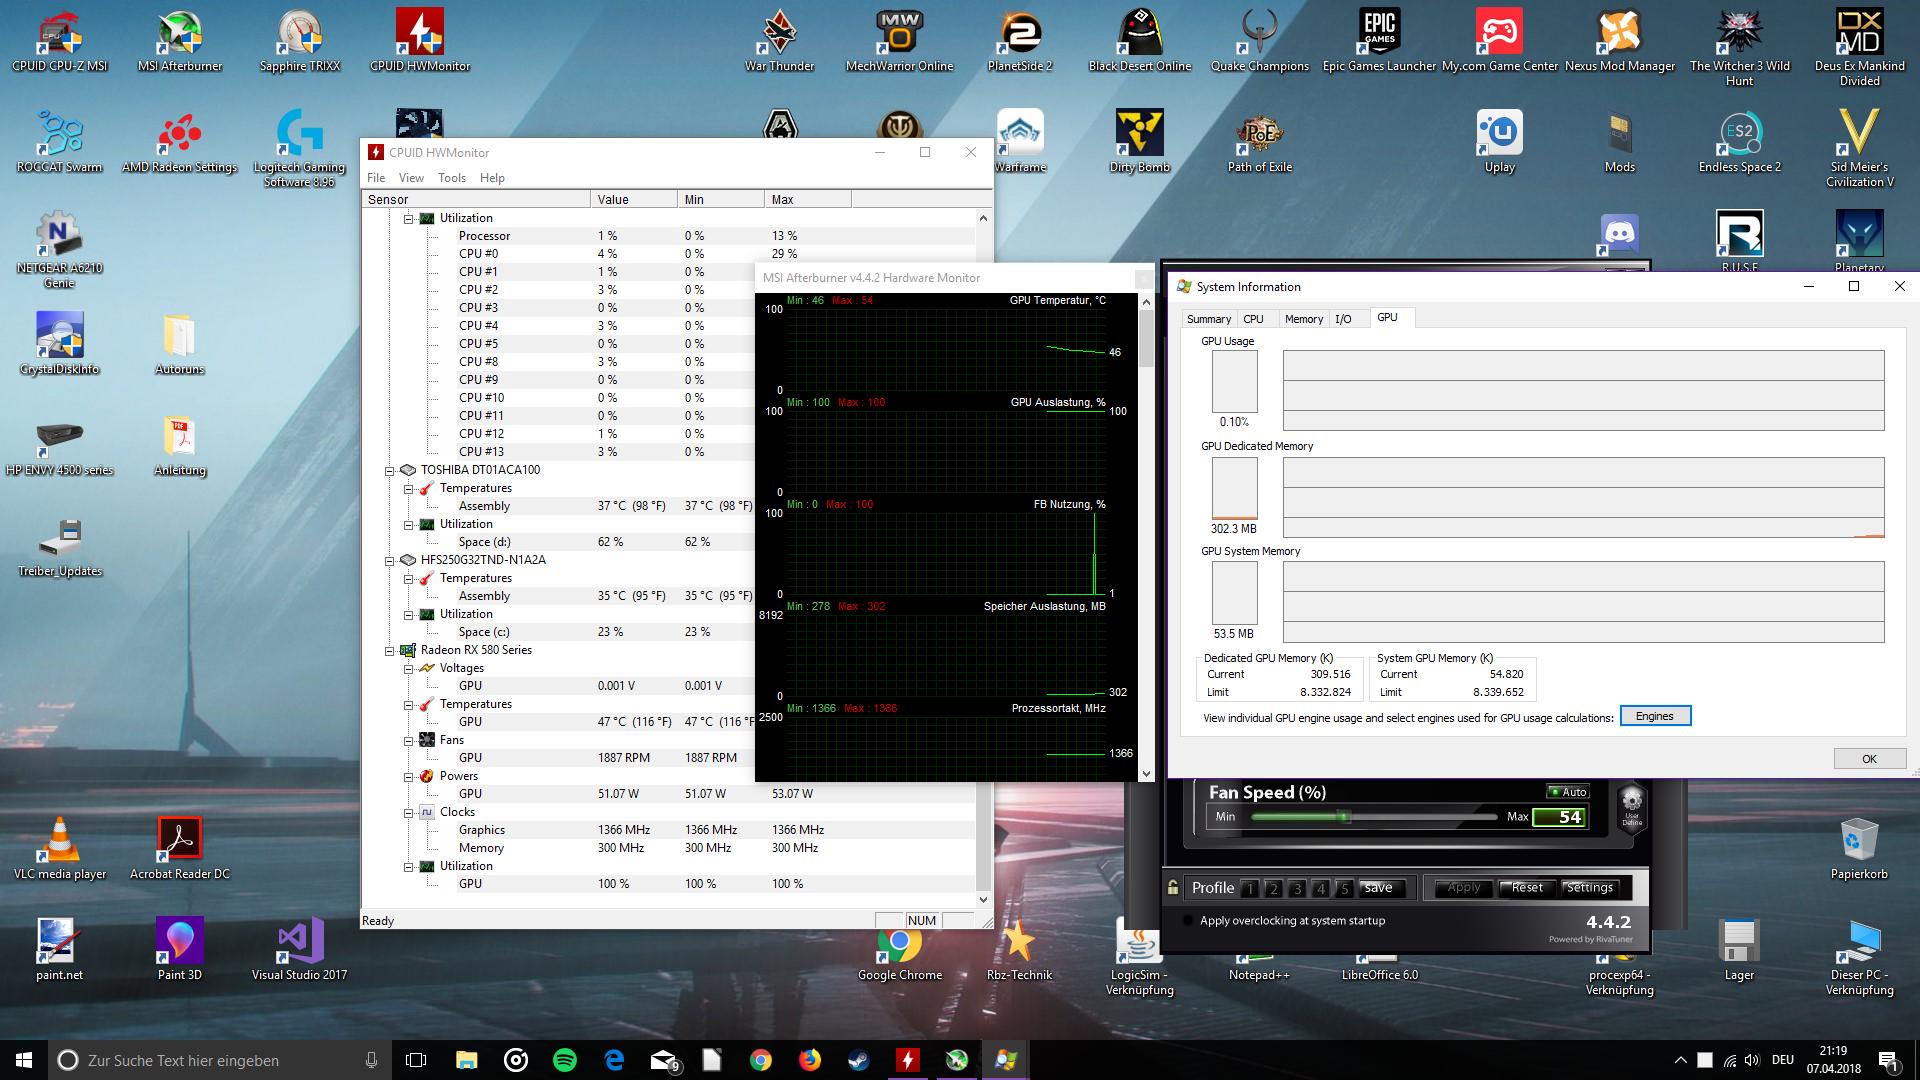 GPU im Leerlauf bei 100% auslastung?